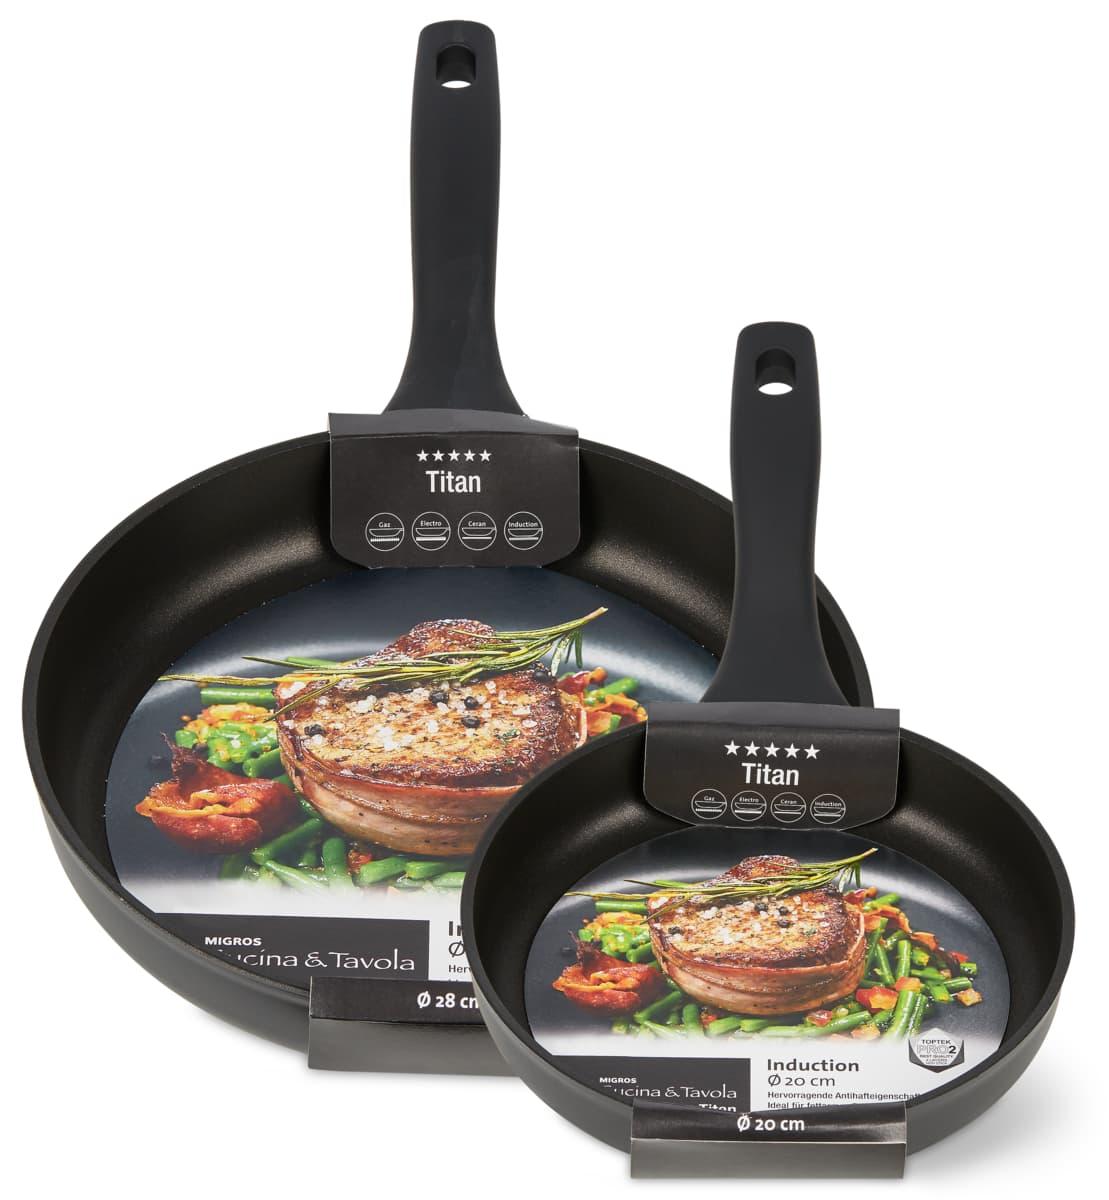 Cucina & Tavola Titan-Bratpfannen im 2er-Set